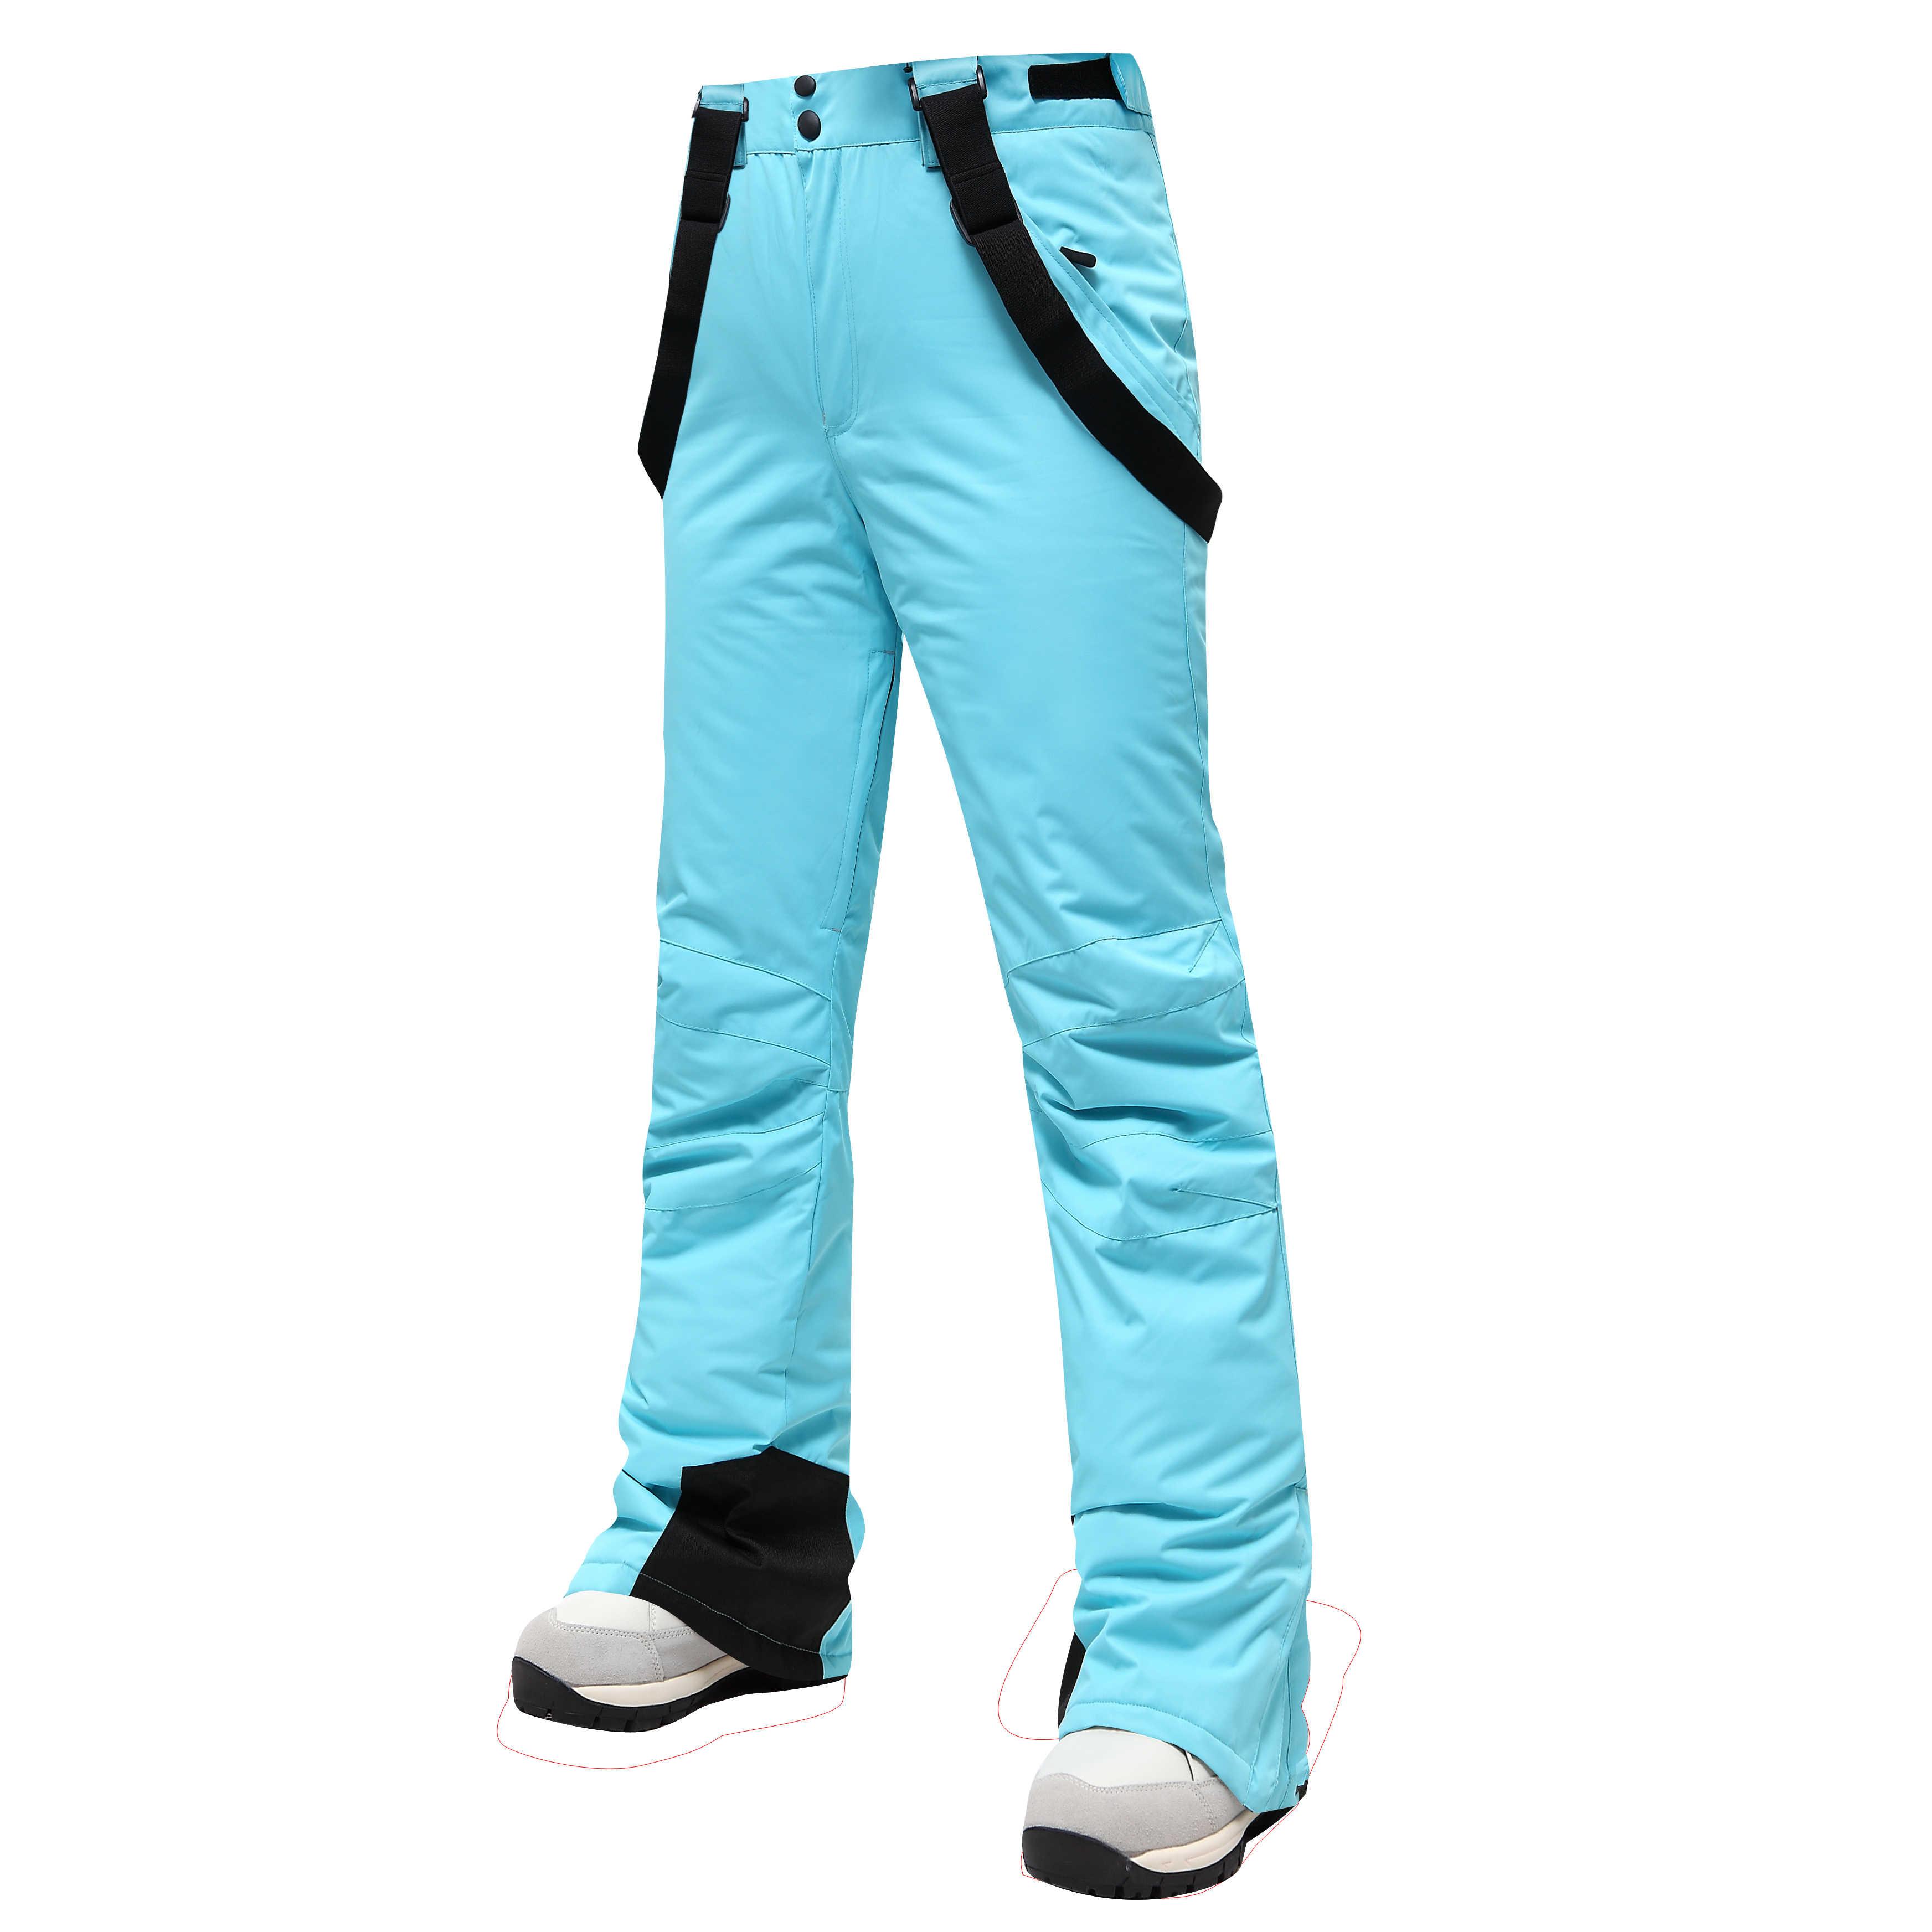 Новинка 2020, зимние лыжные штаны для женщин, для улицы, высокое качество, ветрозащитные, водонепроницаемые, теплые зимние брюки, зимние лыжные штаны для сноубординга, брендовые